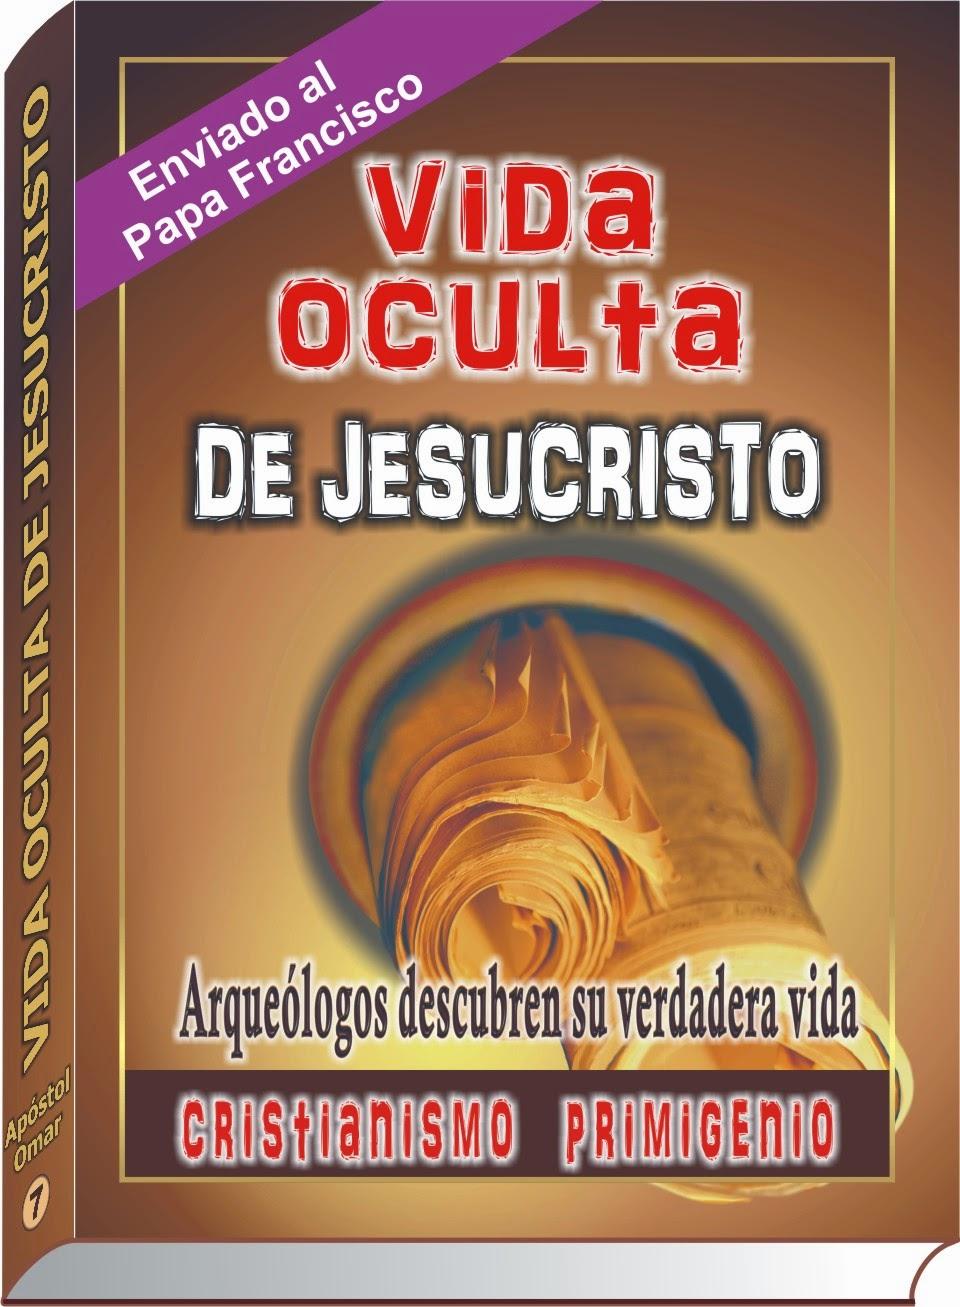 Incrementará el cristianismo